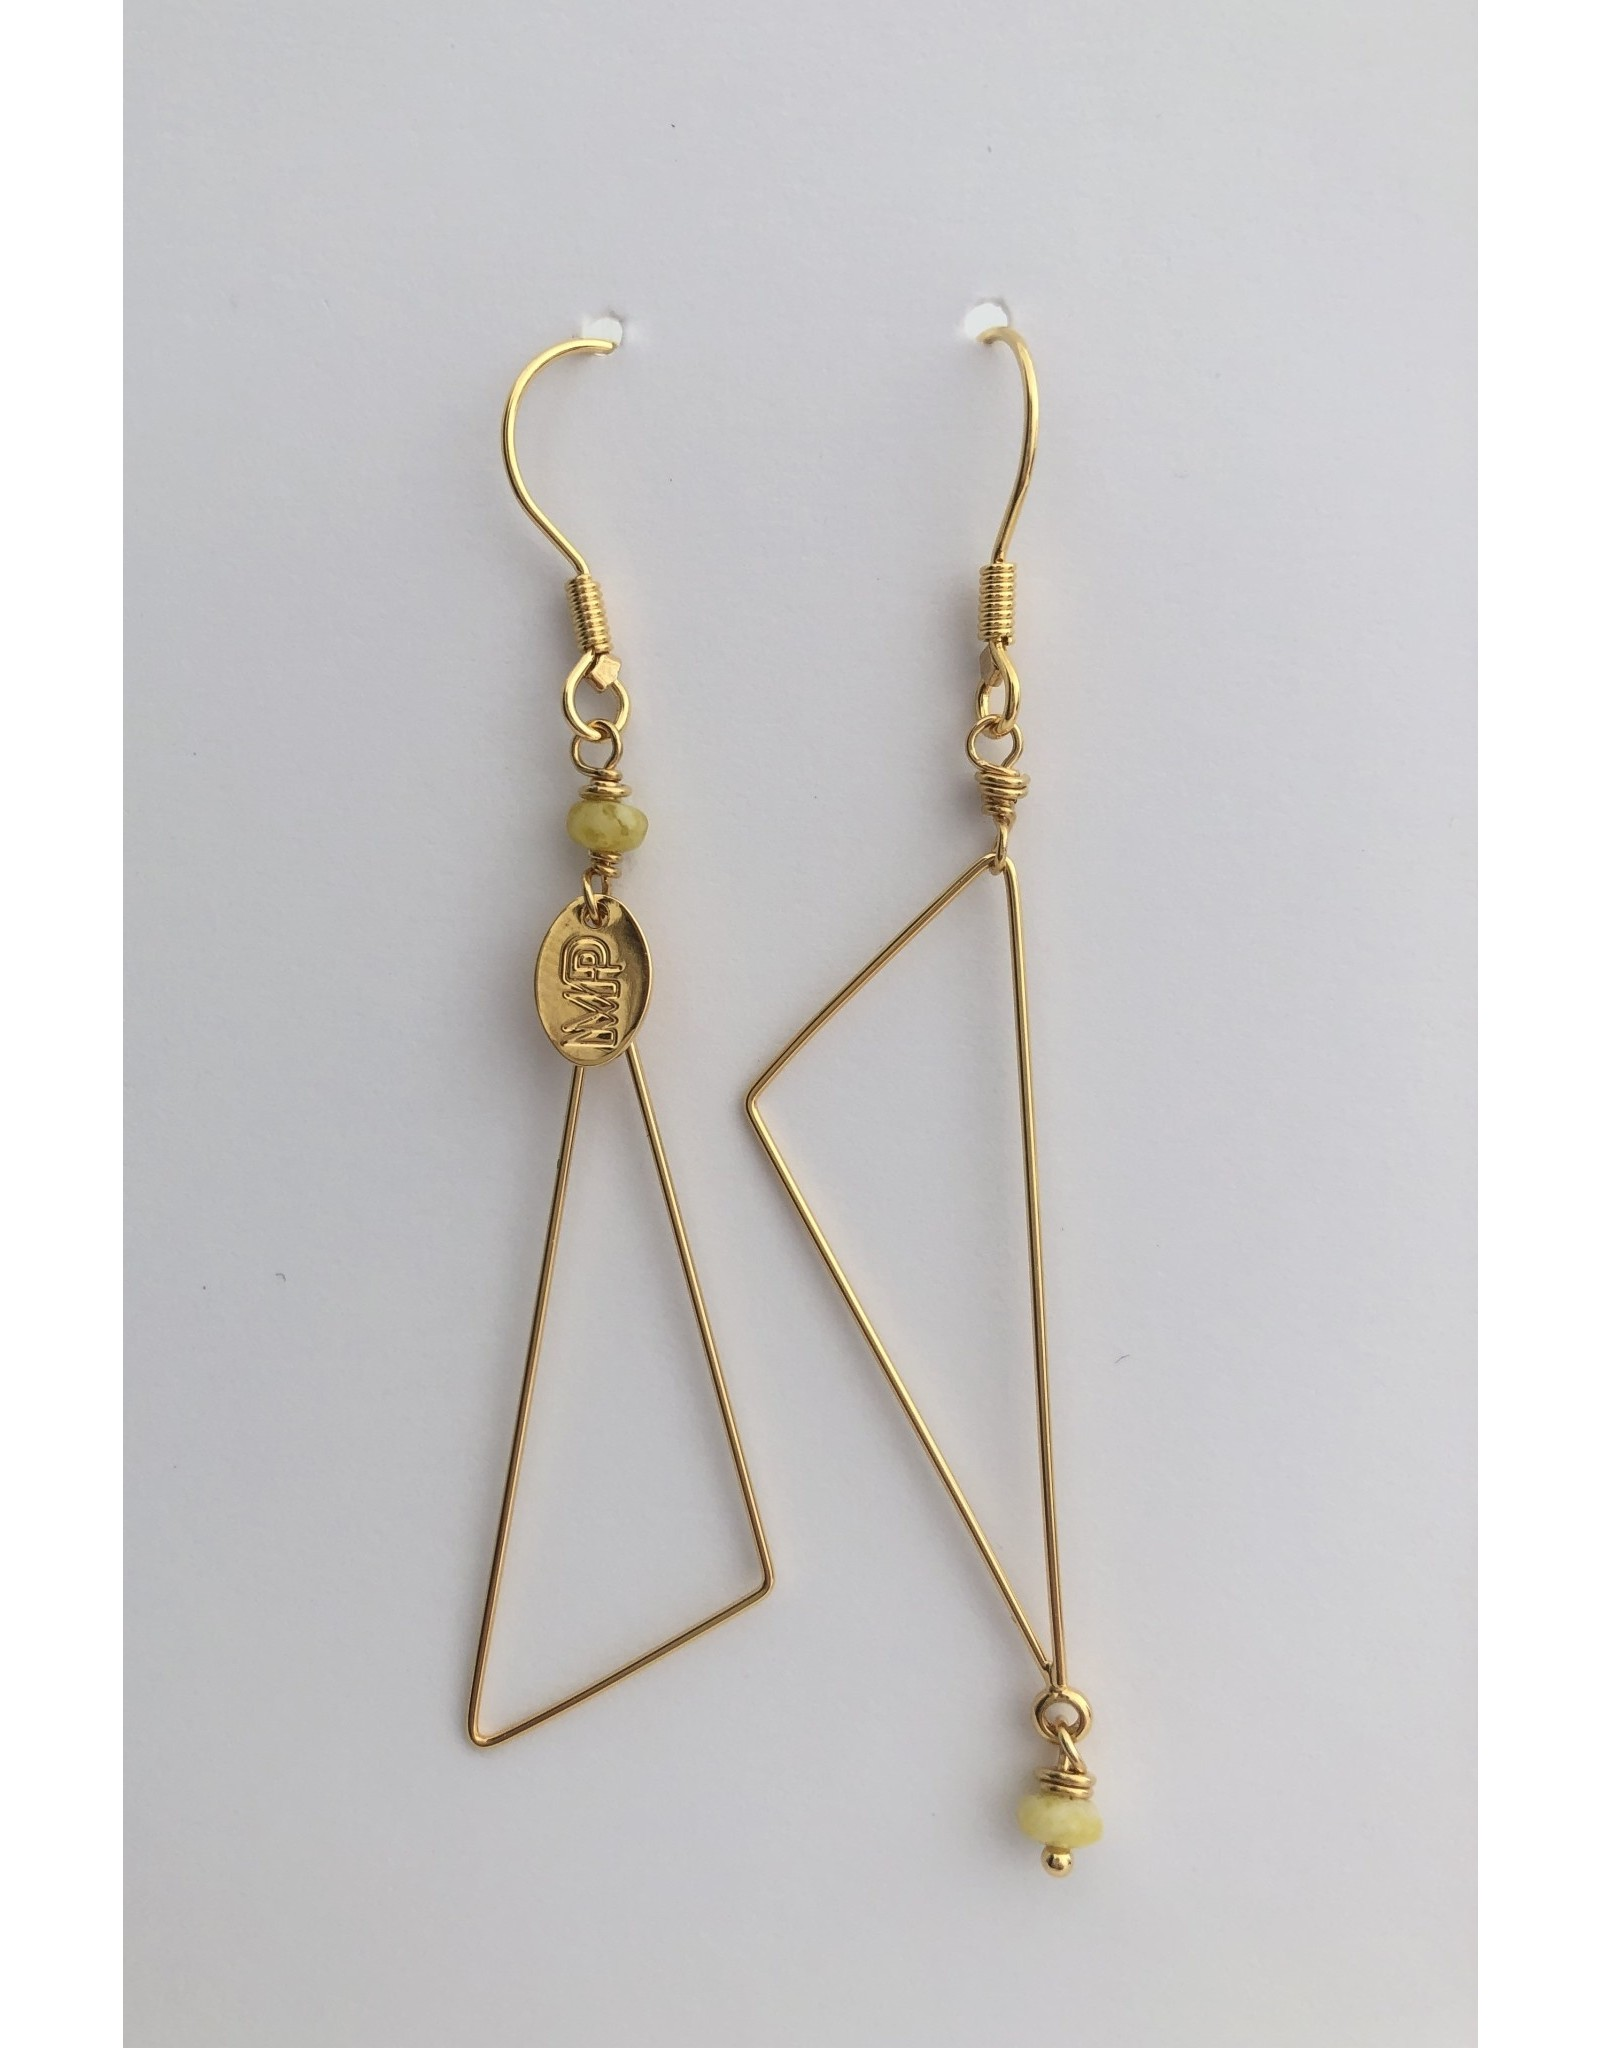 Murielle Perotti oorbel MP 2 driehoeken asym geel/goud